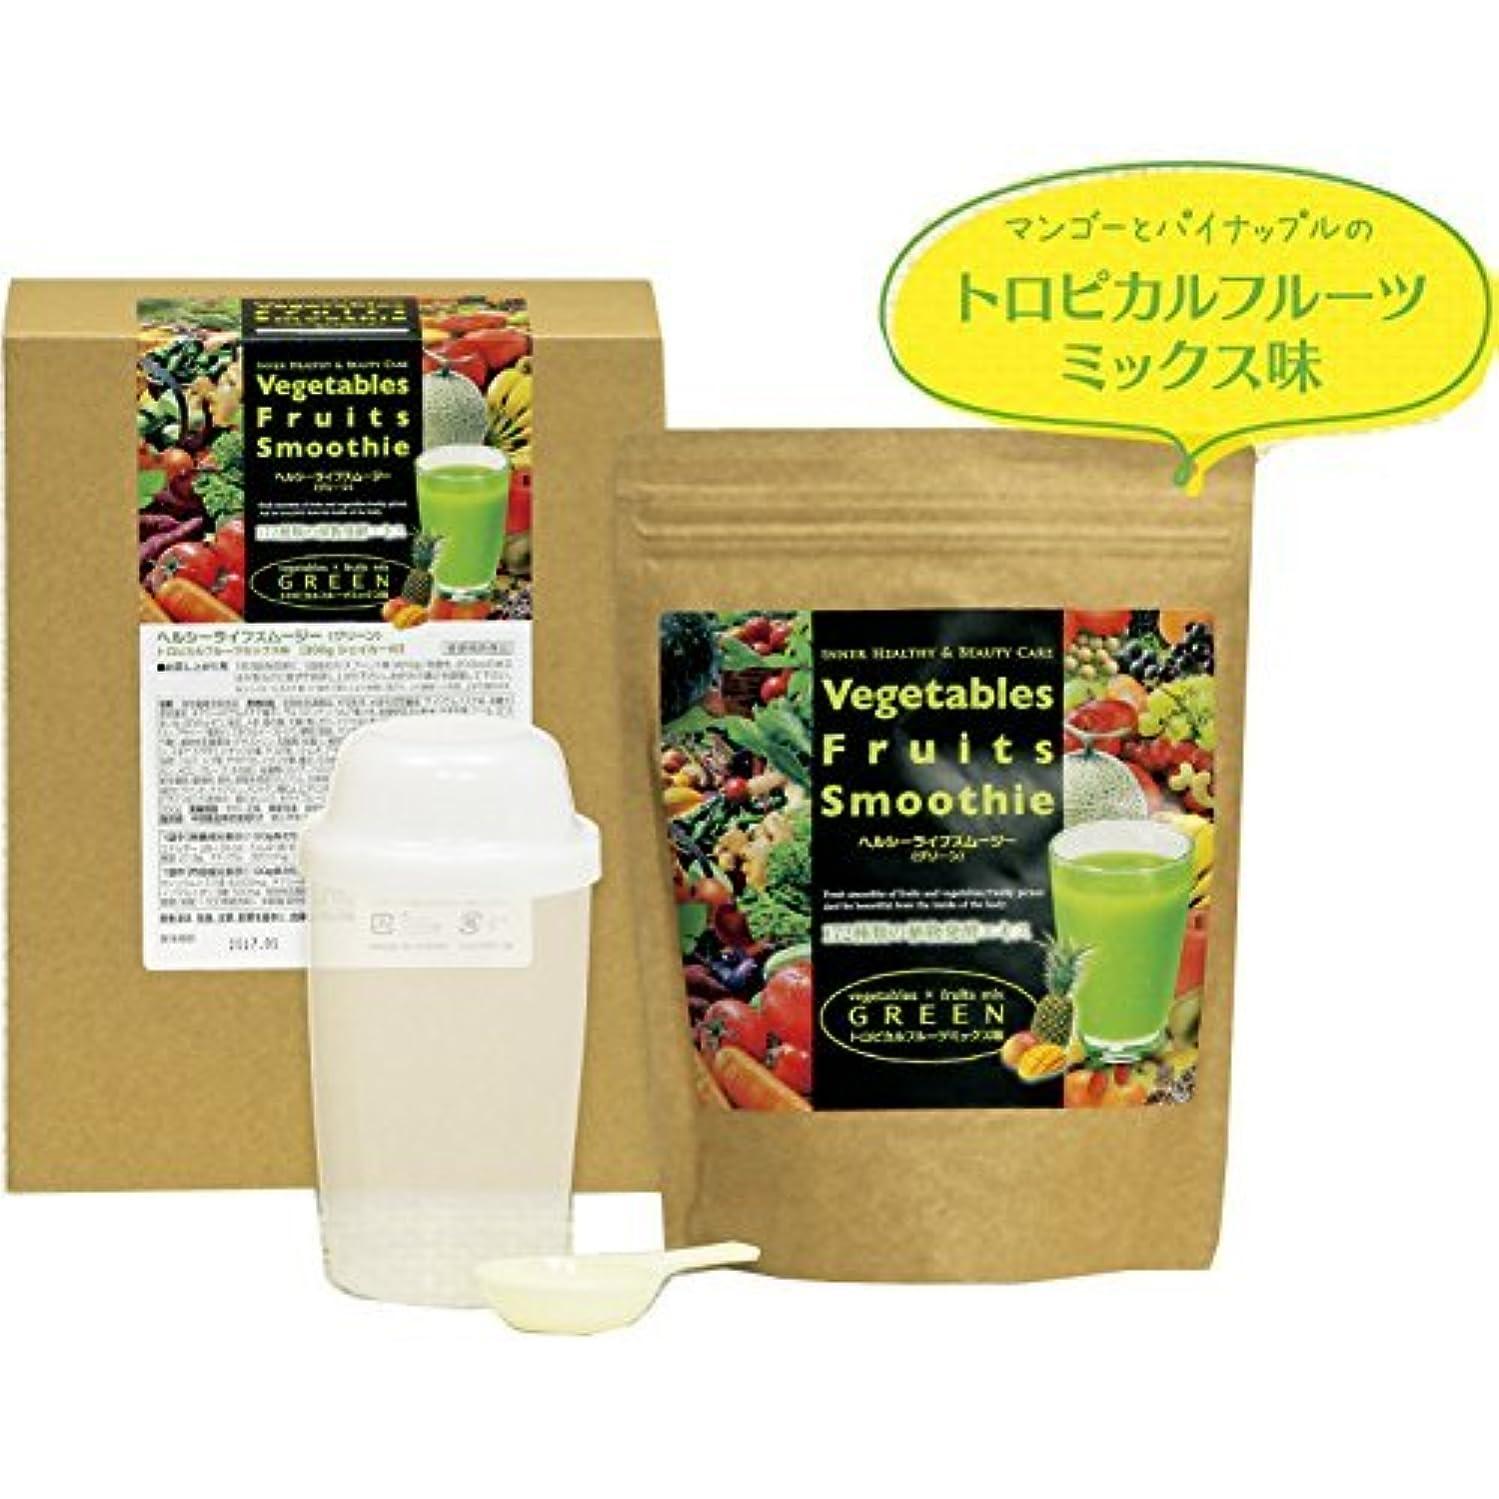 シフト病的プランテーションVegetables Fruits Smoothie ヘルシーライフスムージー(グリーン)トロピカルフルーツミックス味(300g シェイカー付) 日本製